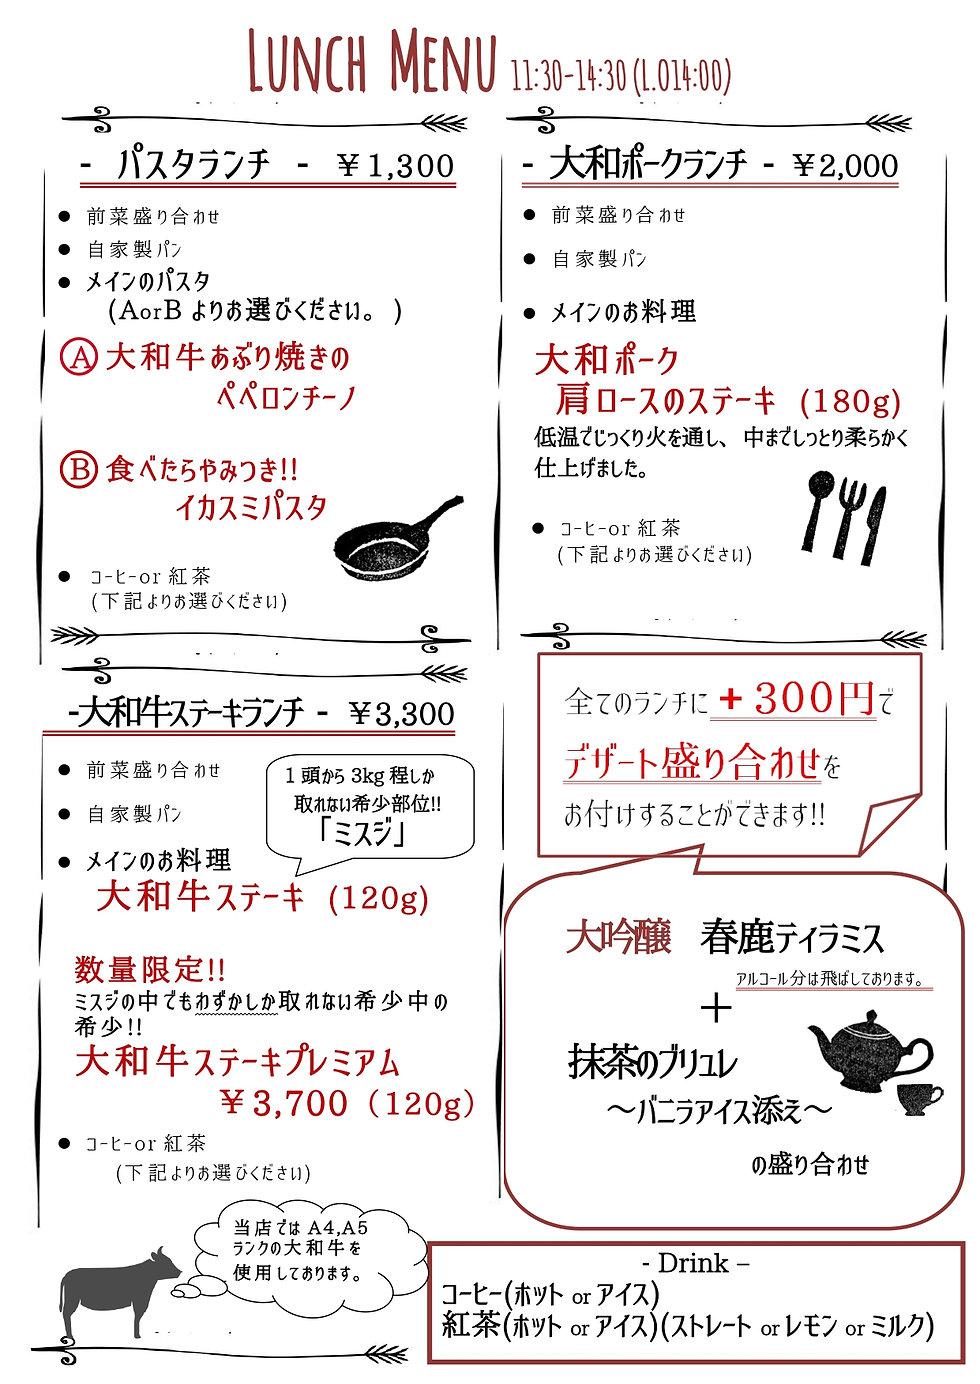 ランチメニュー 2021.3.10 _page-0001(1).jpg